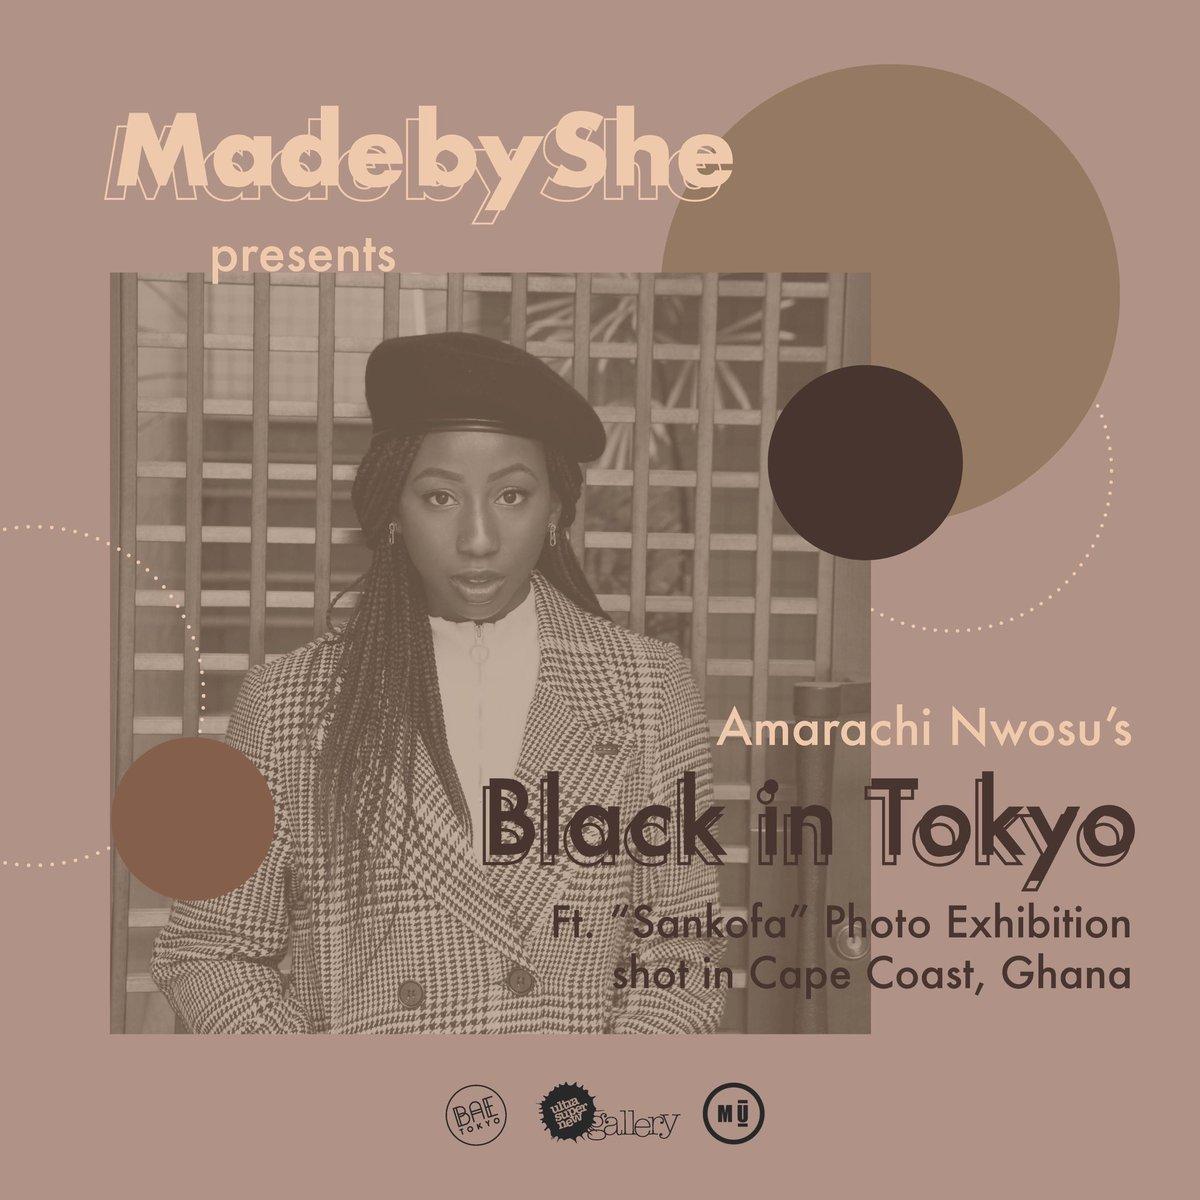 神宮前のUltraSuperNew GalleryにてMadeByShe Black in Tokyoが開催